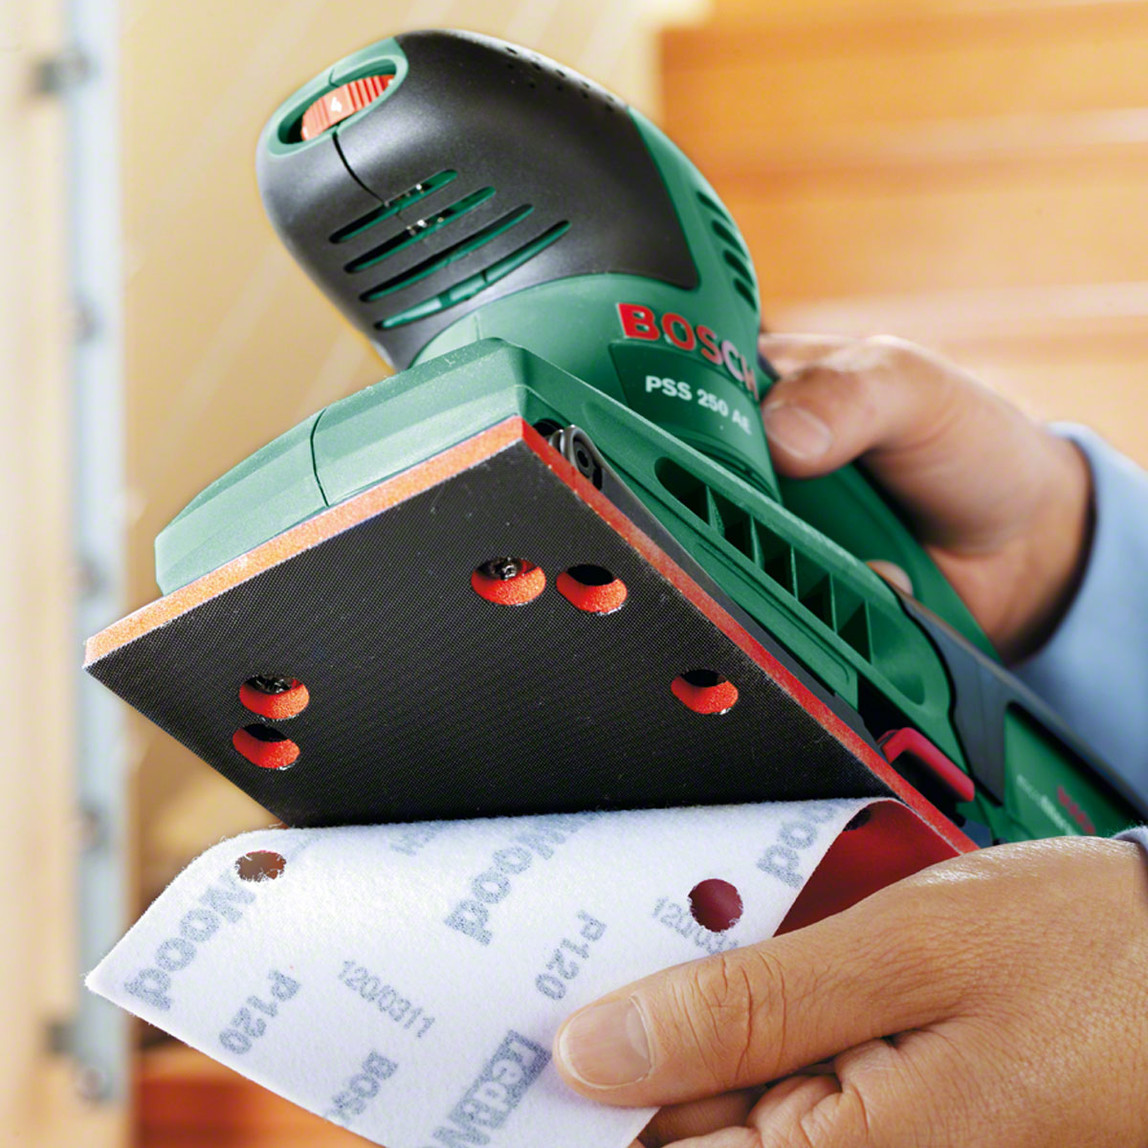 Bosch Pss 250Ae Titreşimli Zımpara